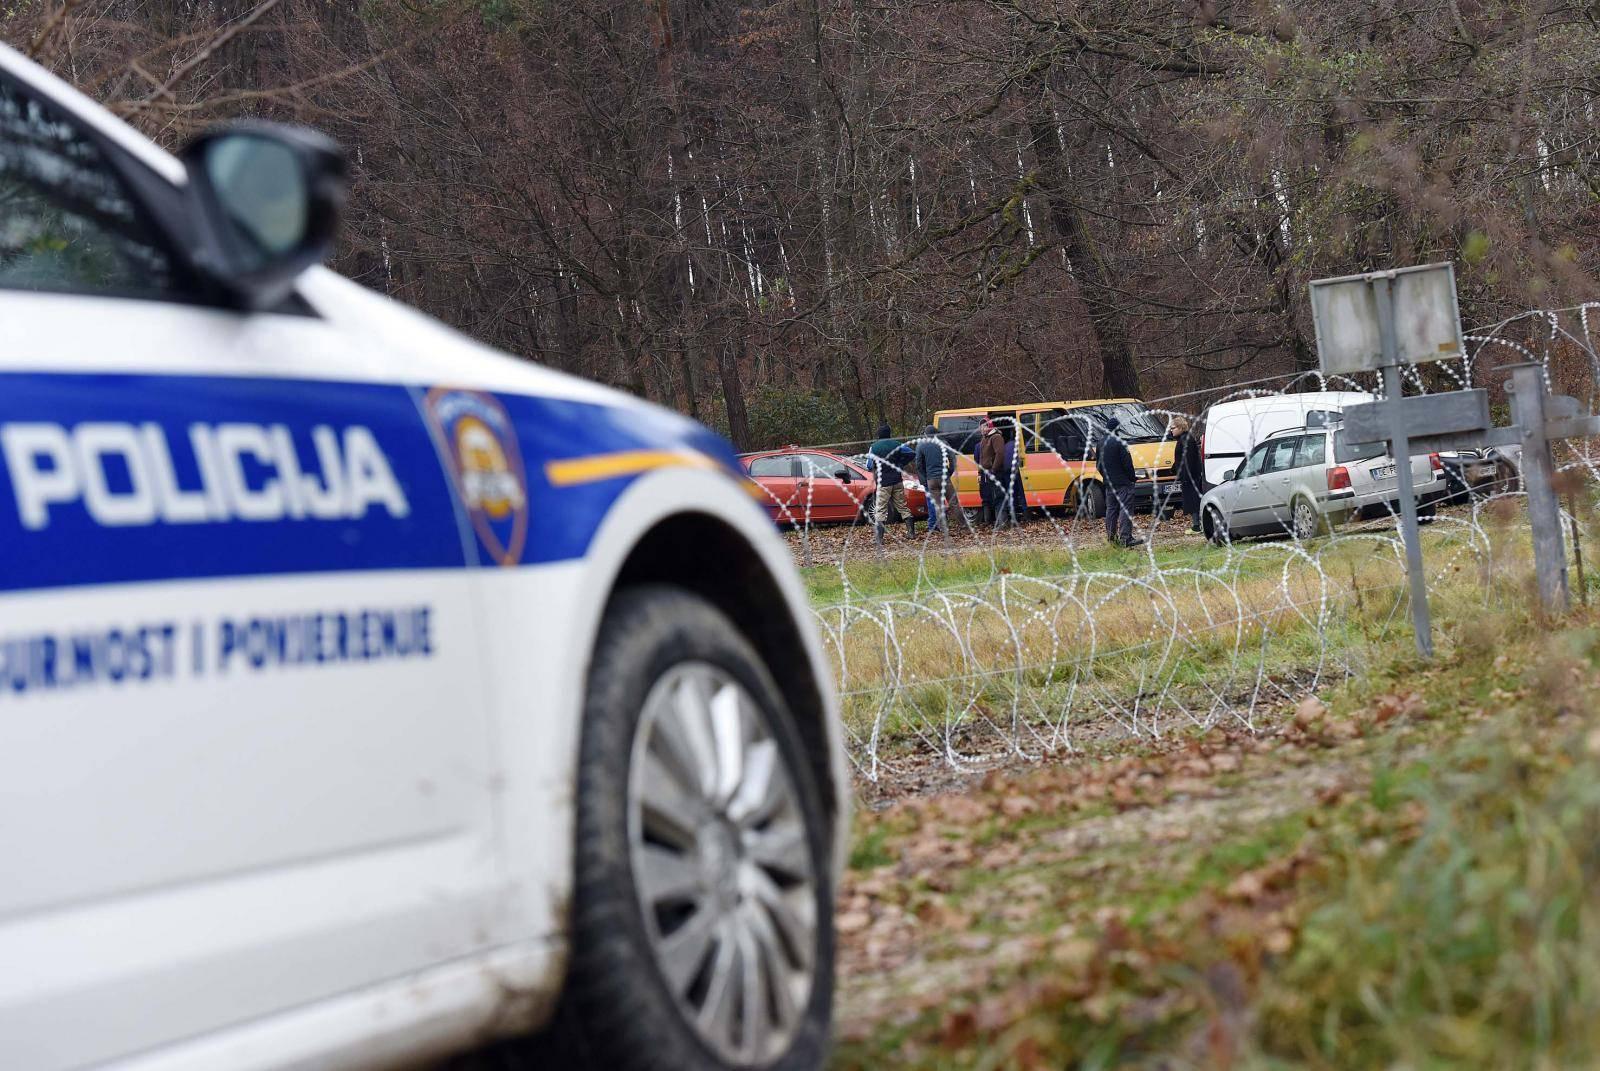 Slovenska policija je u siječnju privela 595 ilegalnih migranata